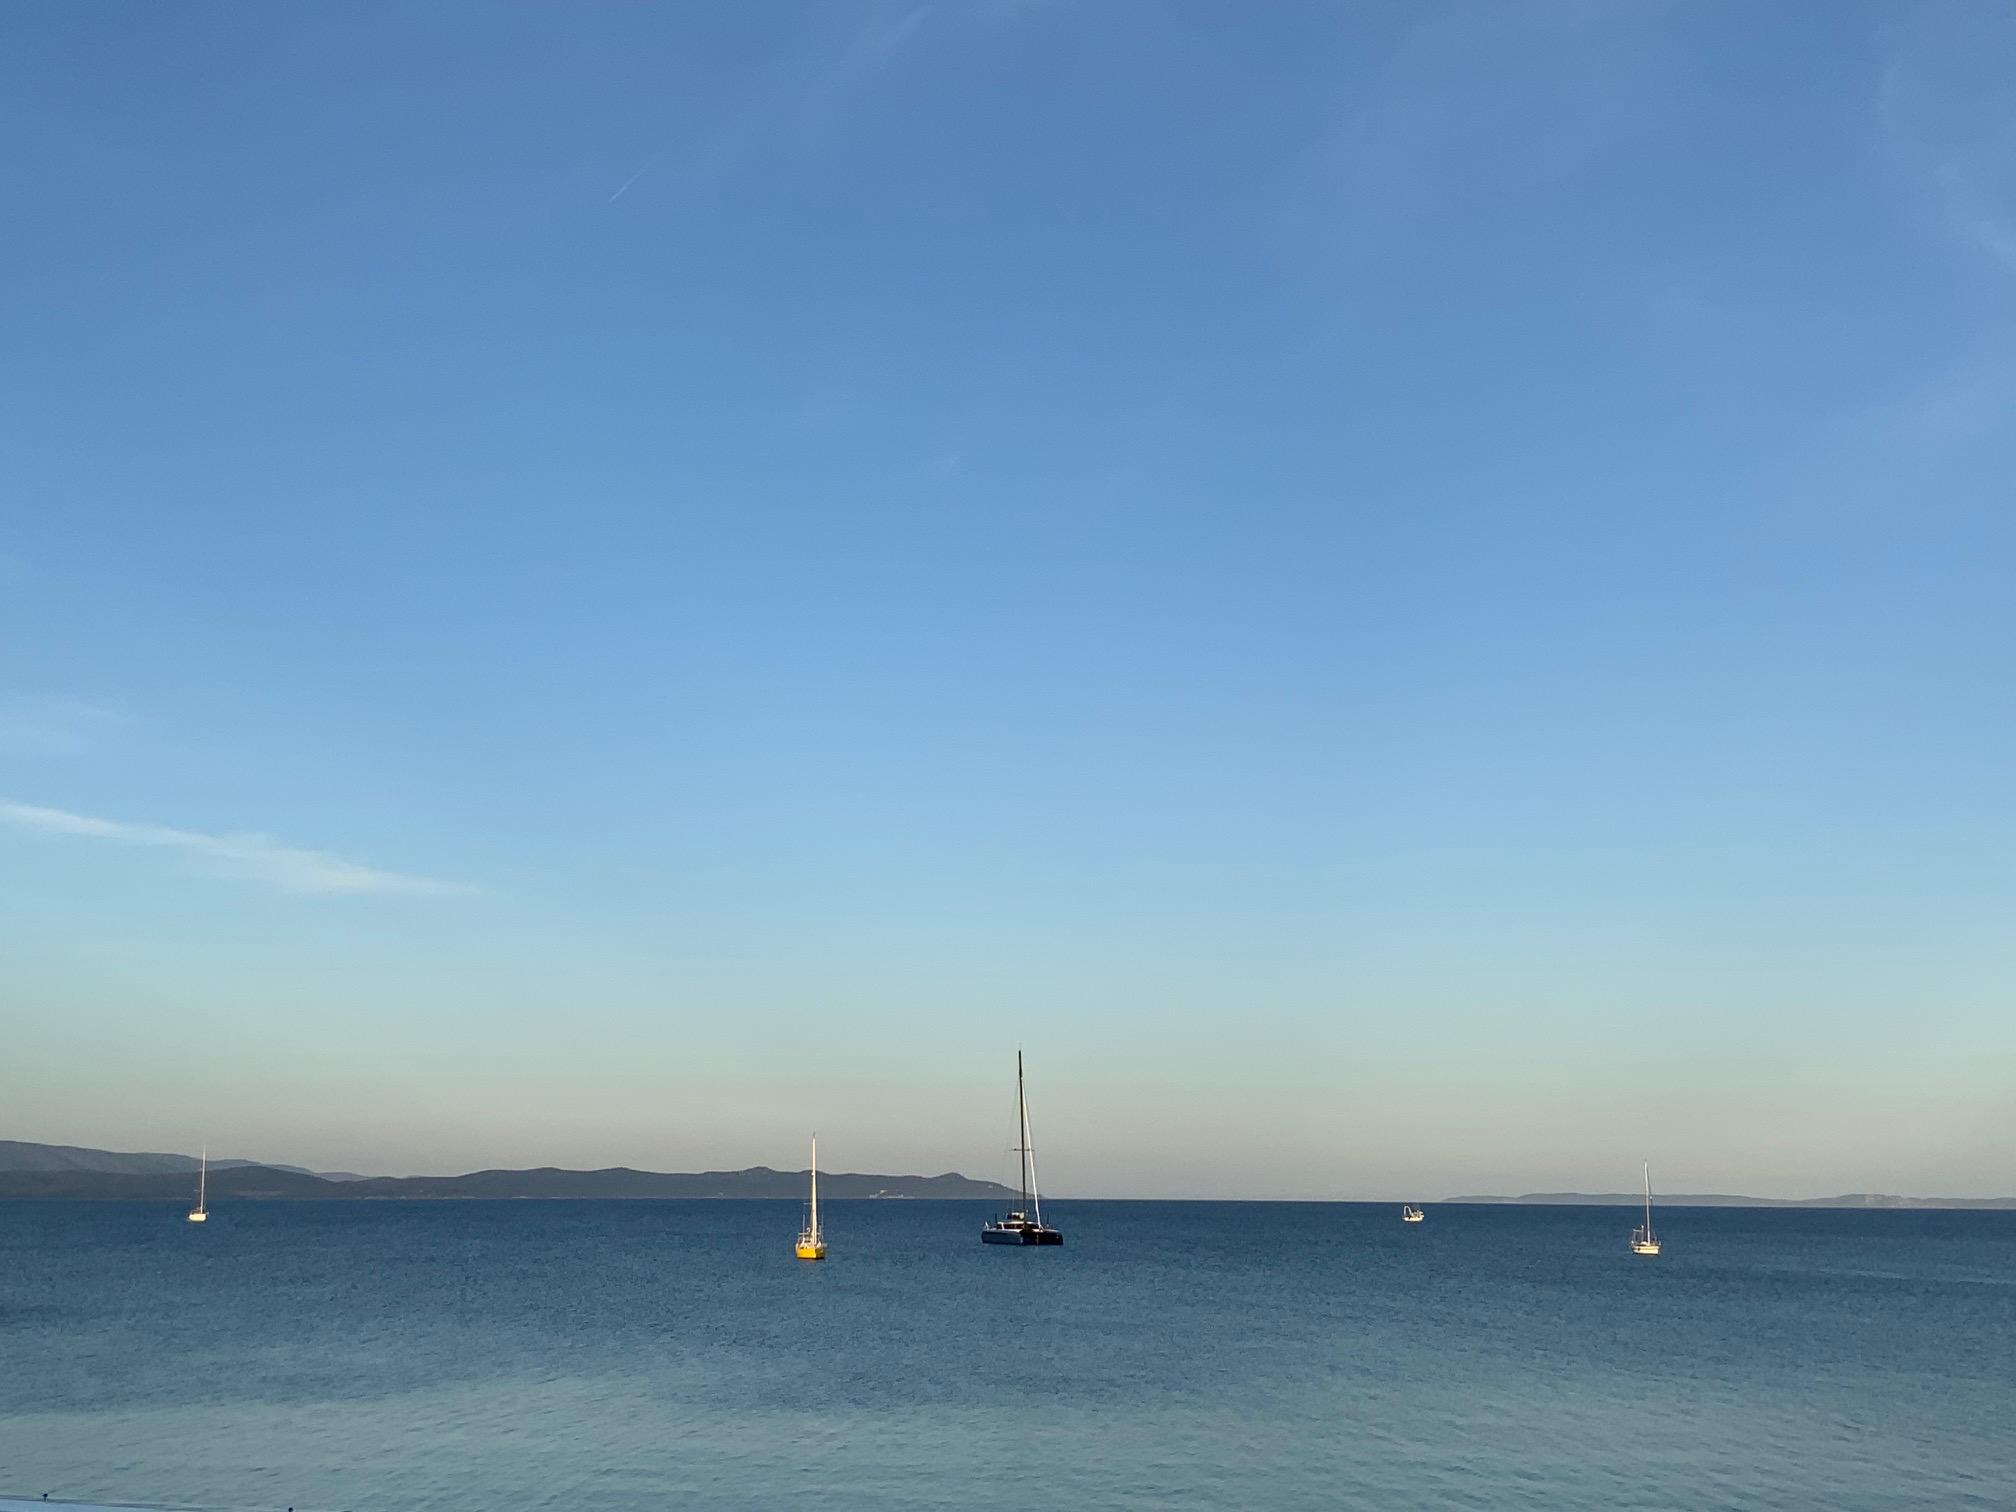 Un beau paysage de la mer et des bateaux